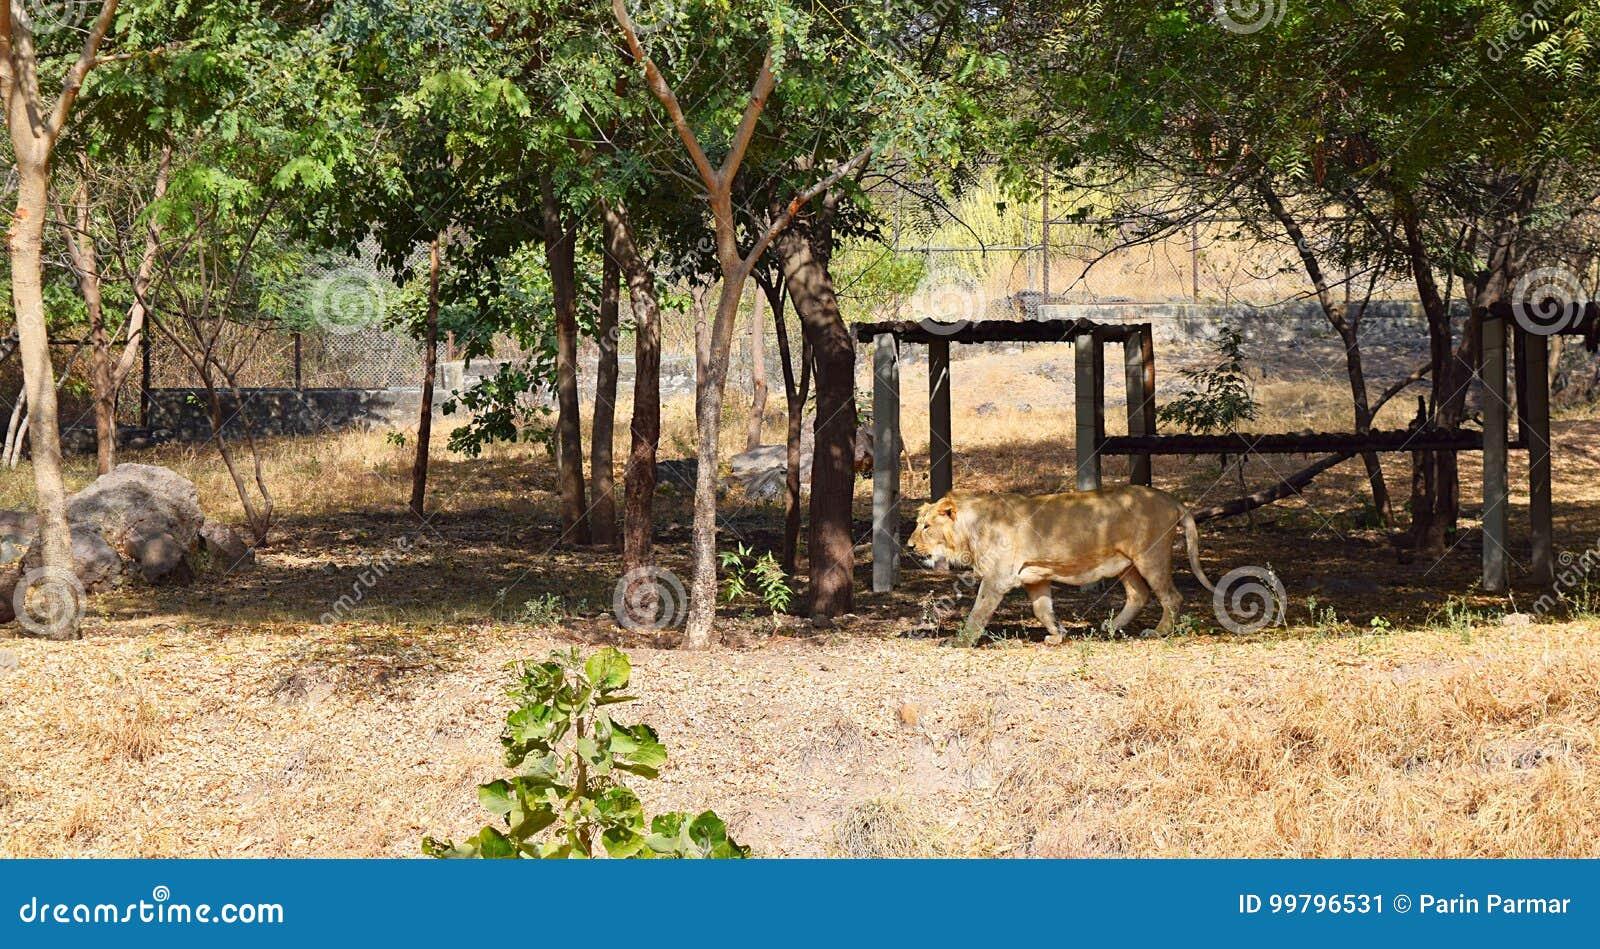 Lion Roaming asiático en parque zoológico con alrededores naturales debajo de árboles